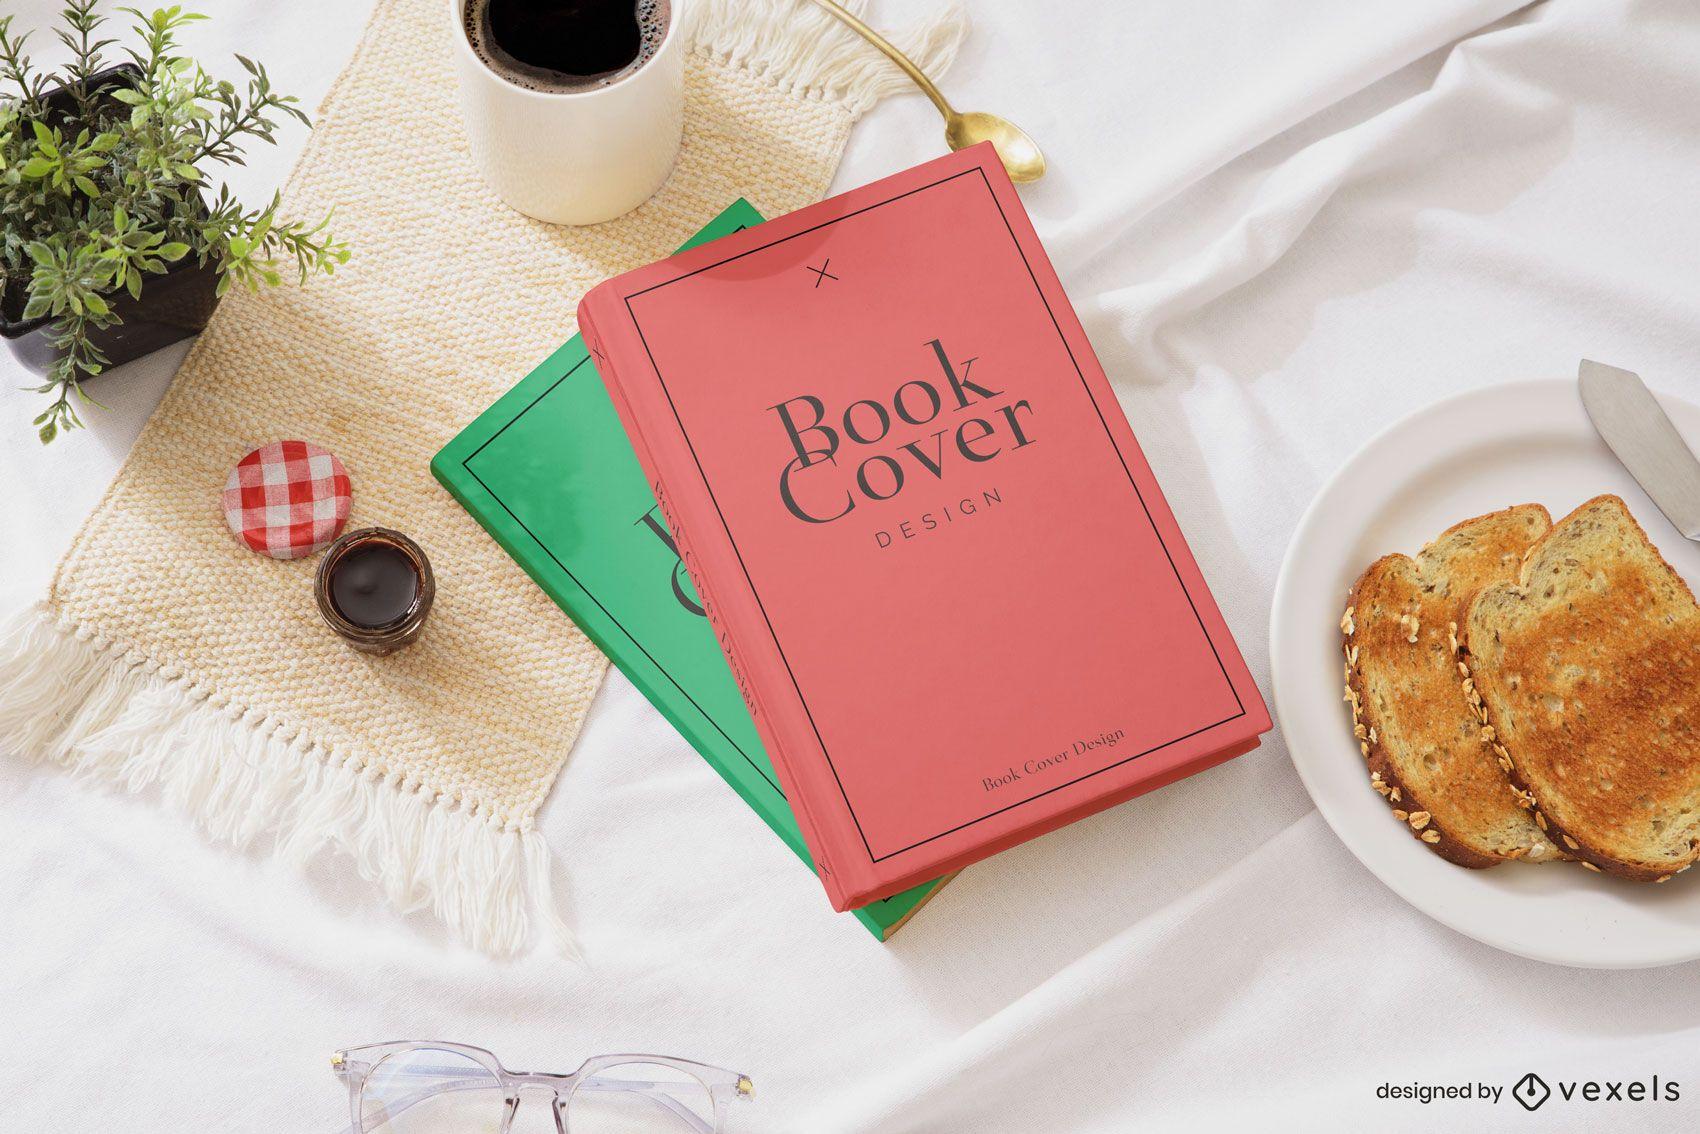 Das Frühstücksbuch behandelt die Mockup-Komposition